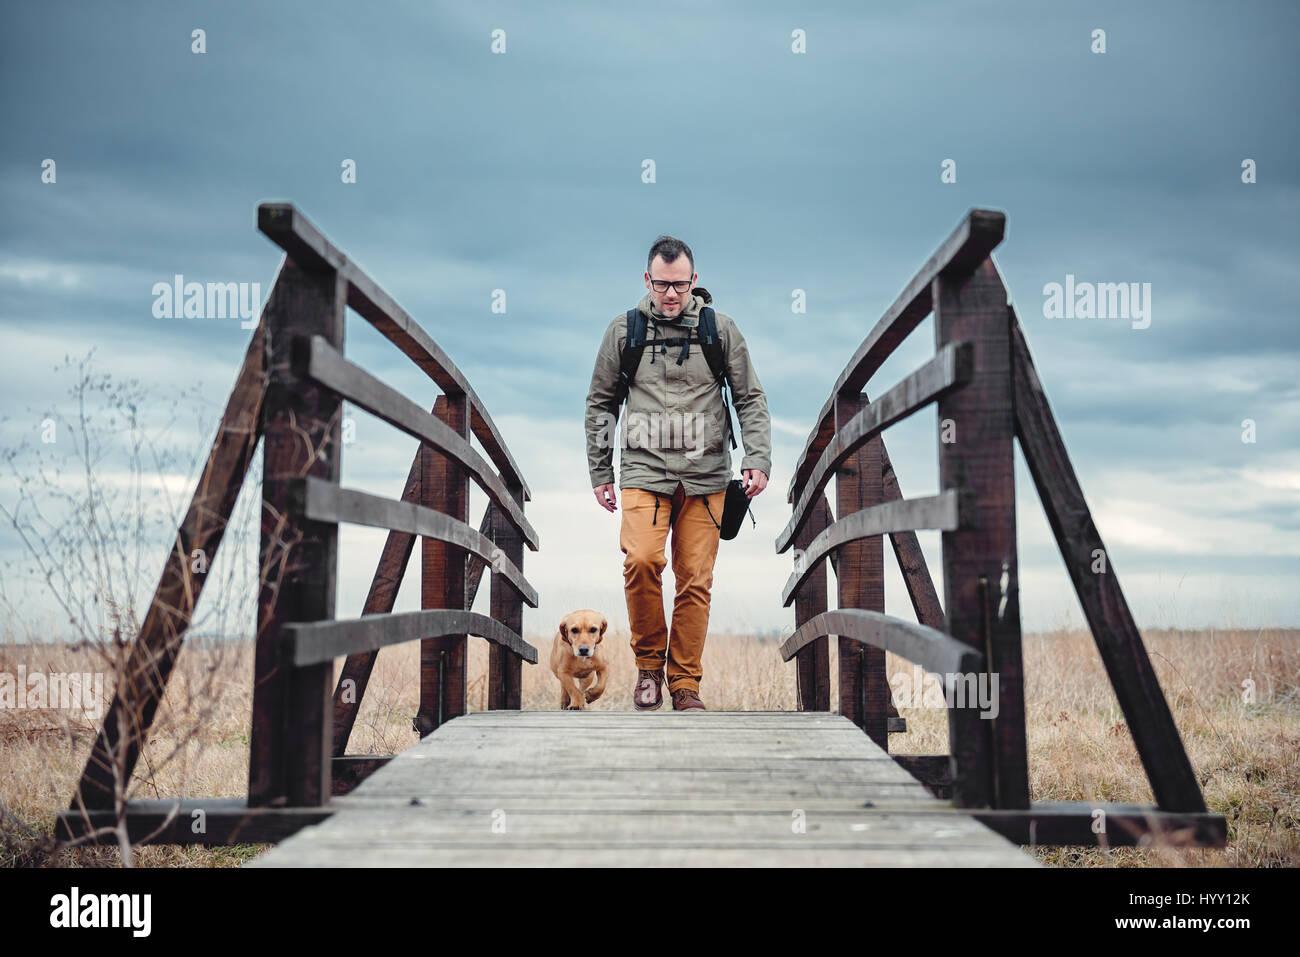 Escursionista e cane attraversando il ponte in legno sul giorno nuvoloso Immagini Stock